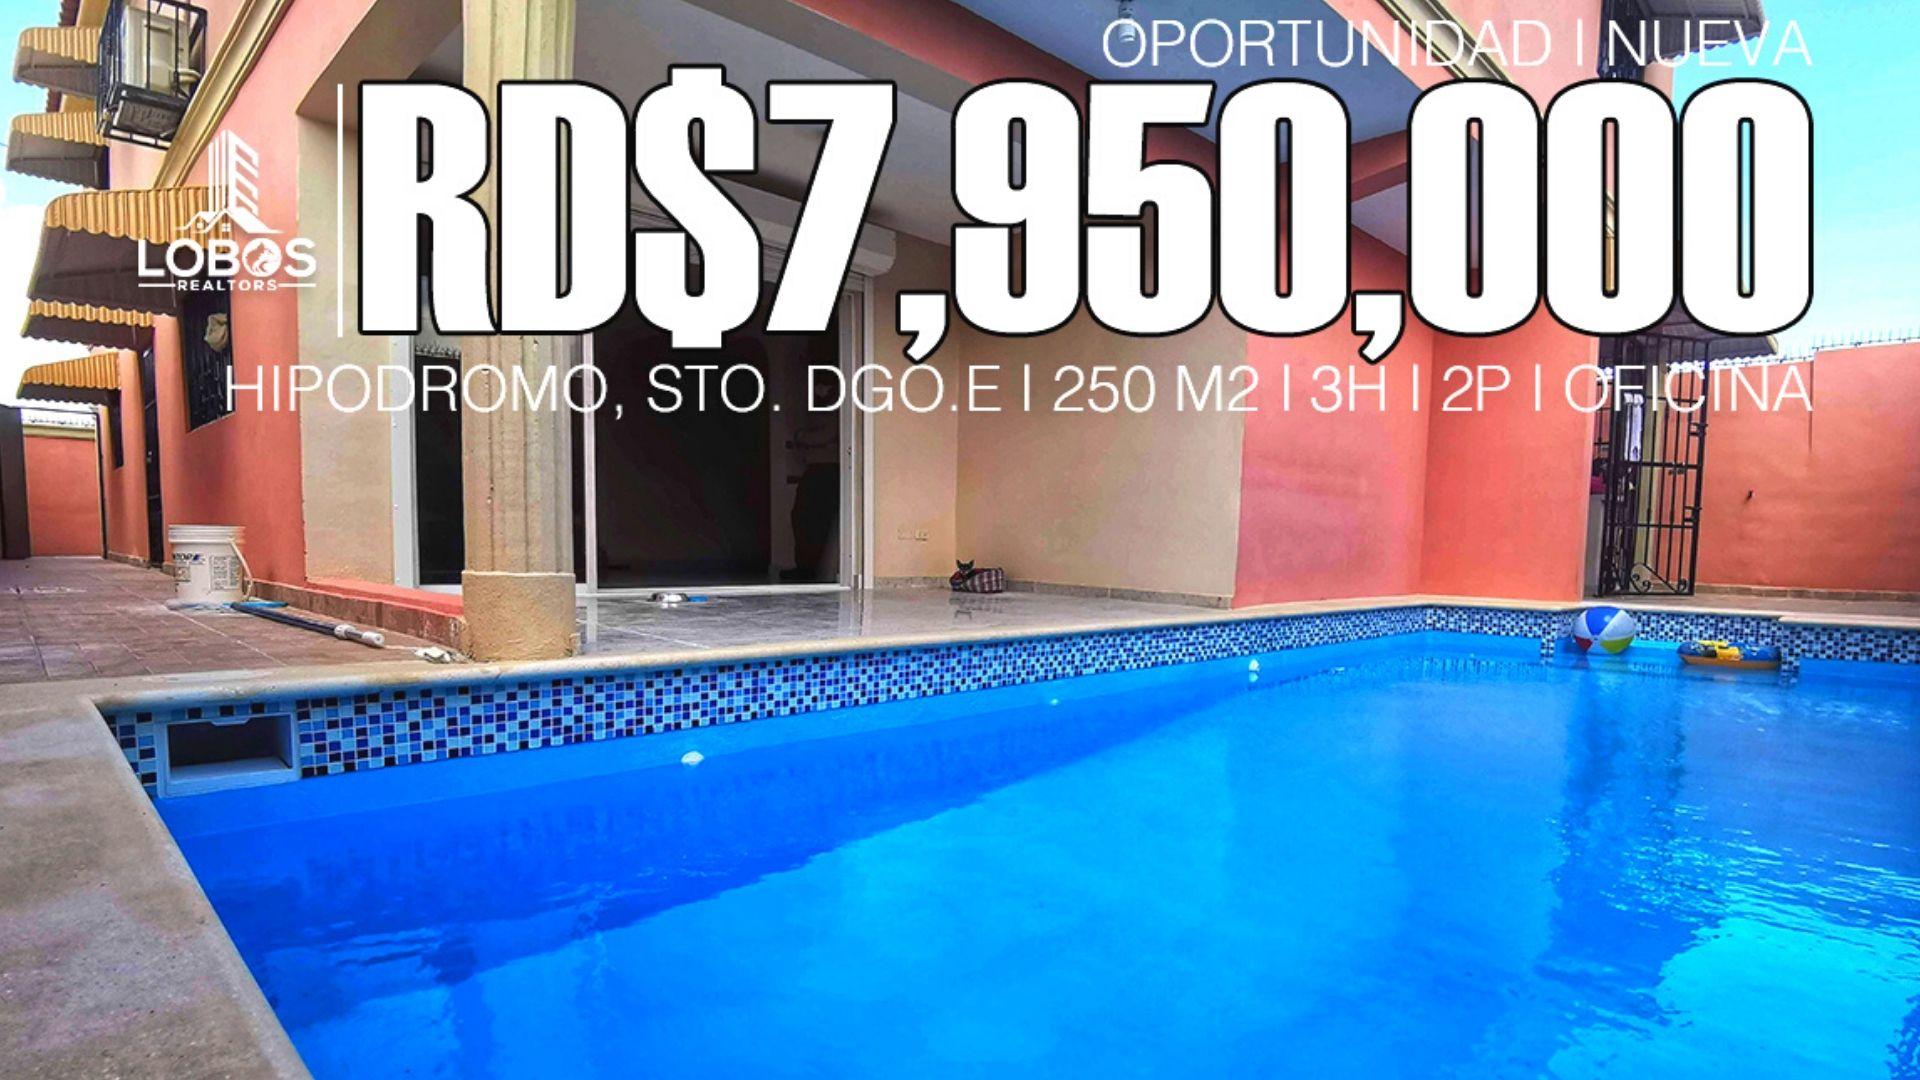 Casa nueva y con piscina próximo al Hipodromo